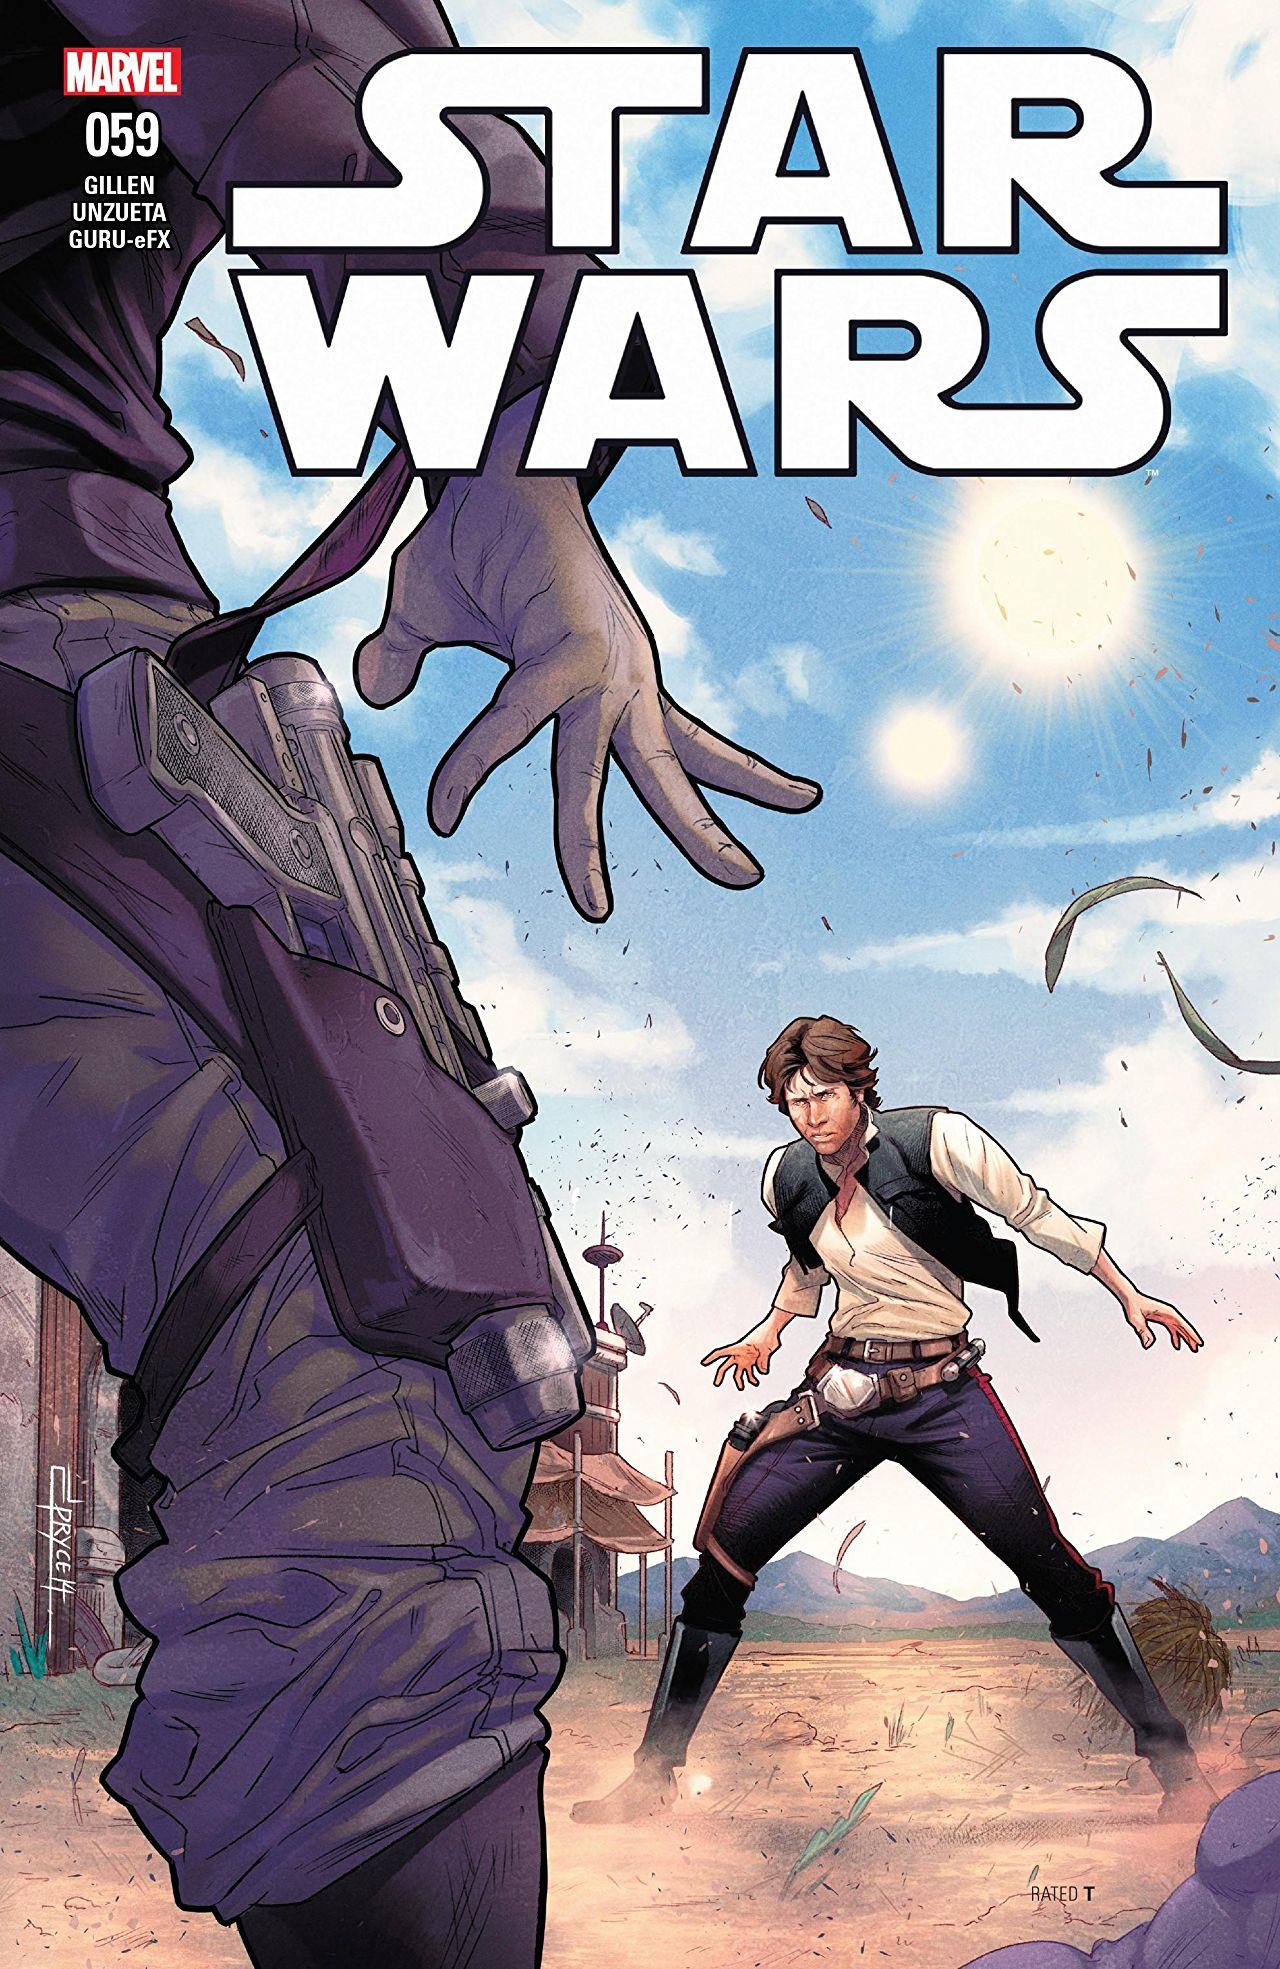 Звёздные войны 59: Побег, часть 4